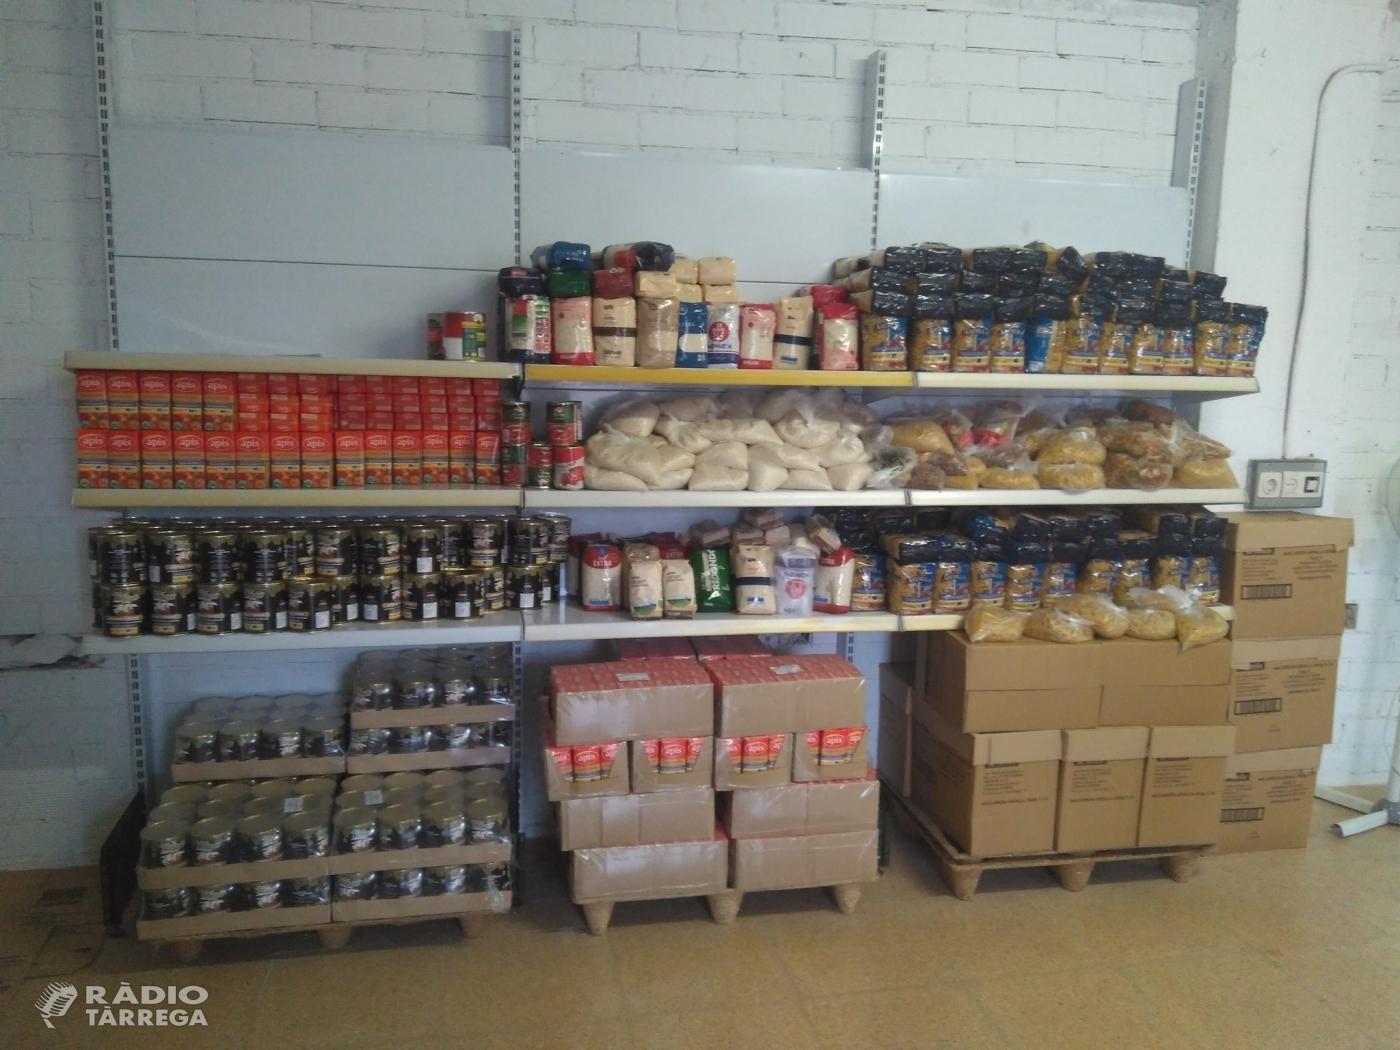 Un centenar de famílies de Tàrrega reben lots d'aliments i productes d'higiene i neteja del Magatzem d'Aliments